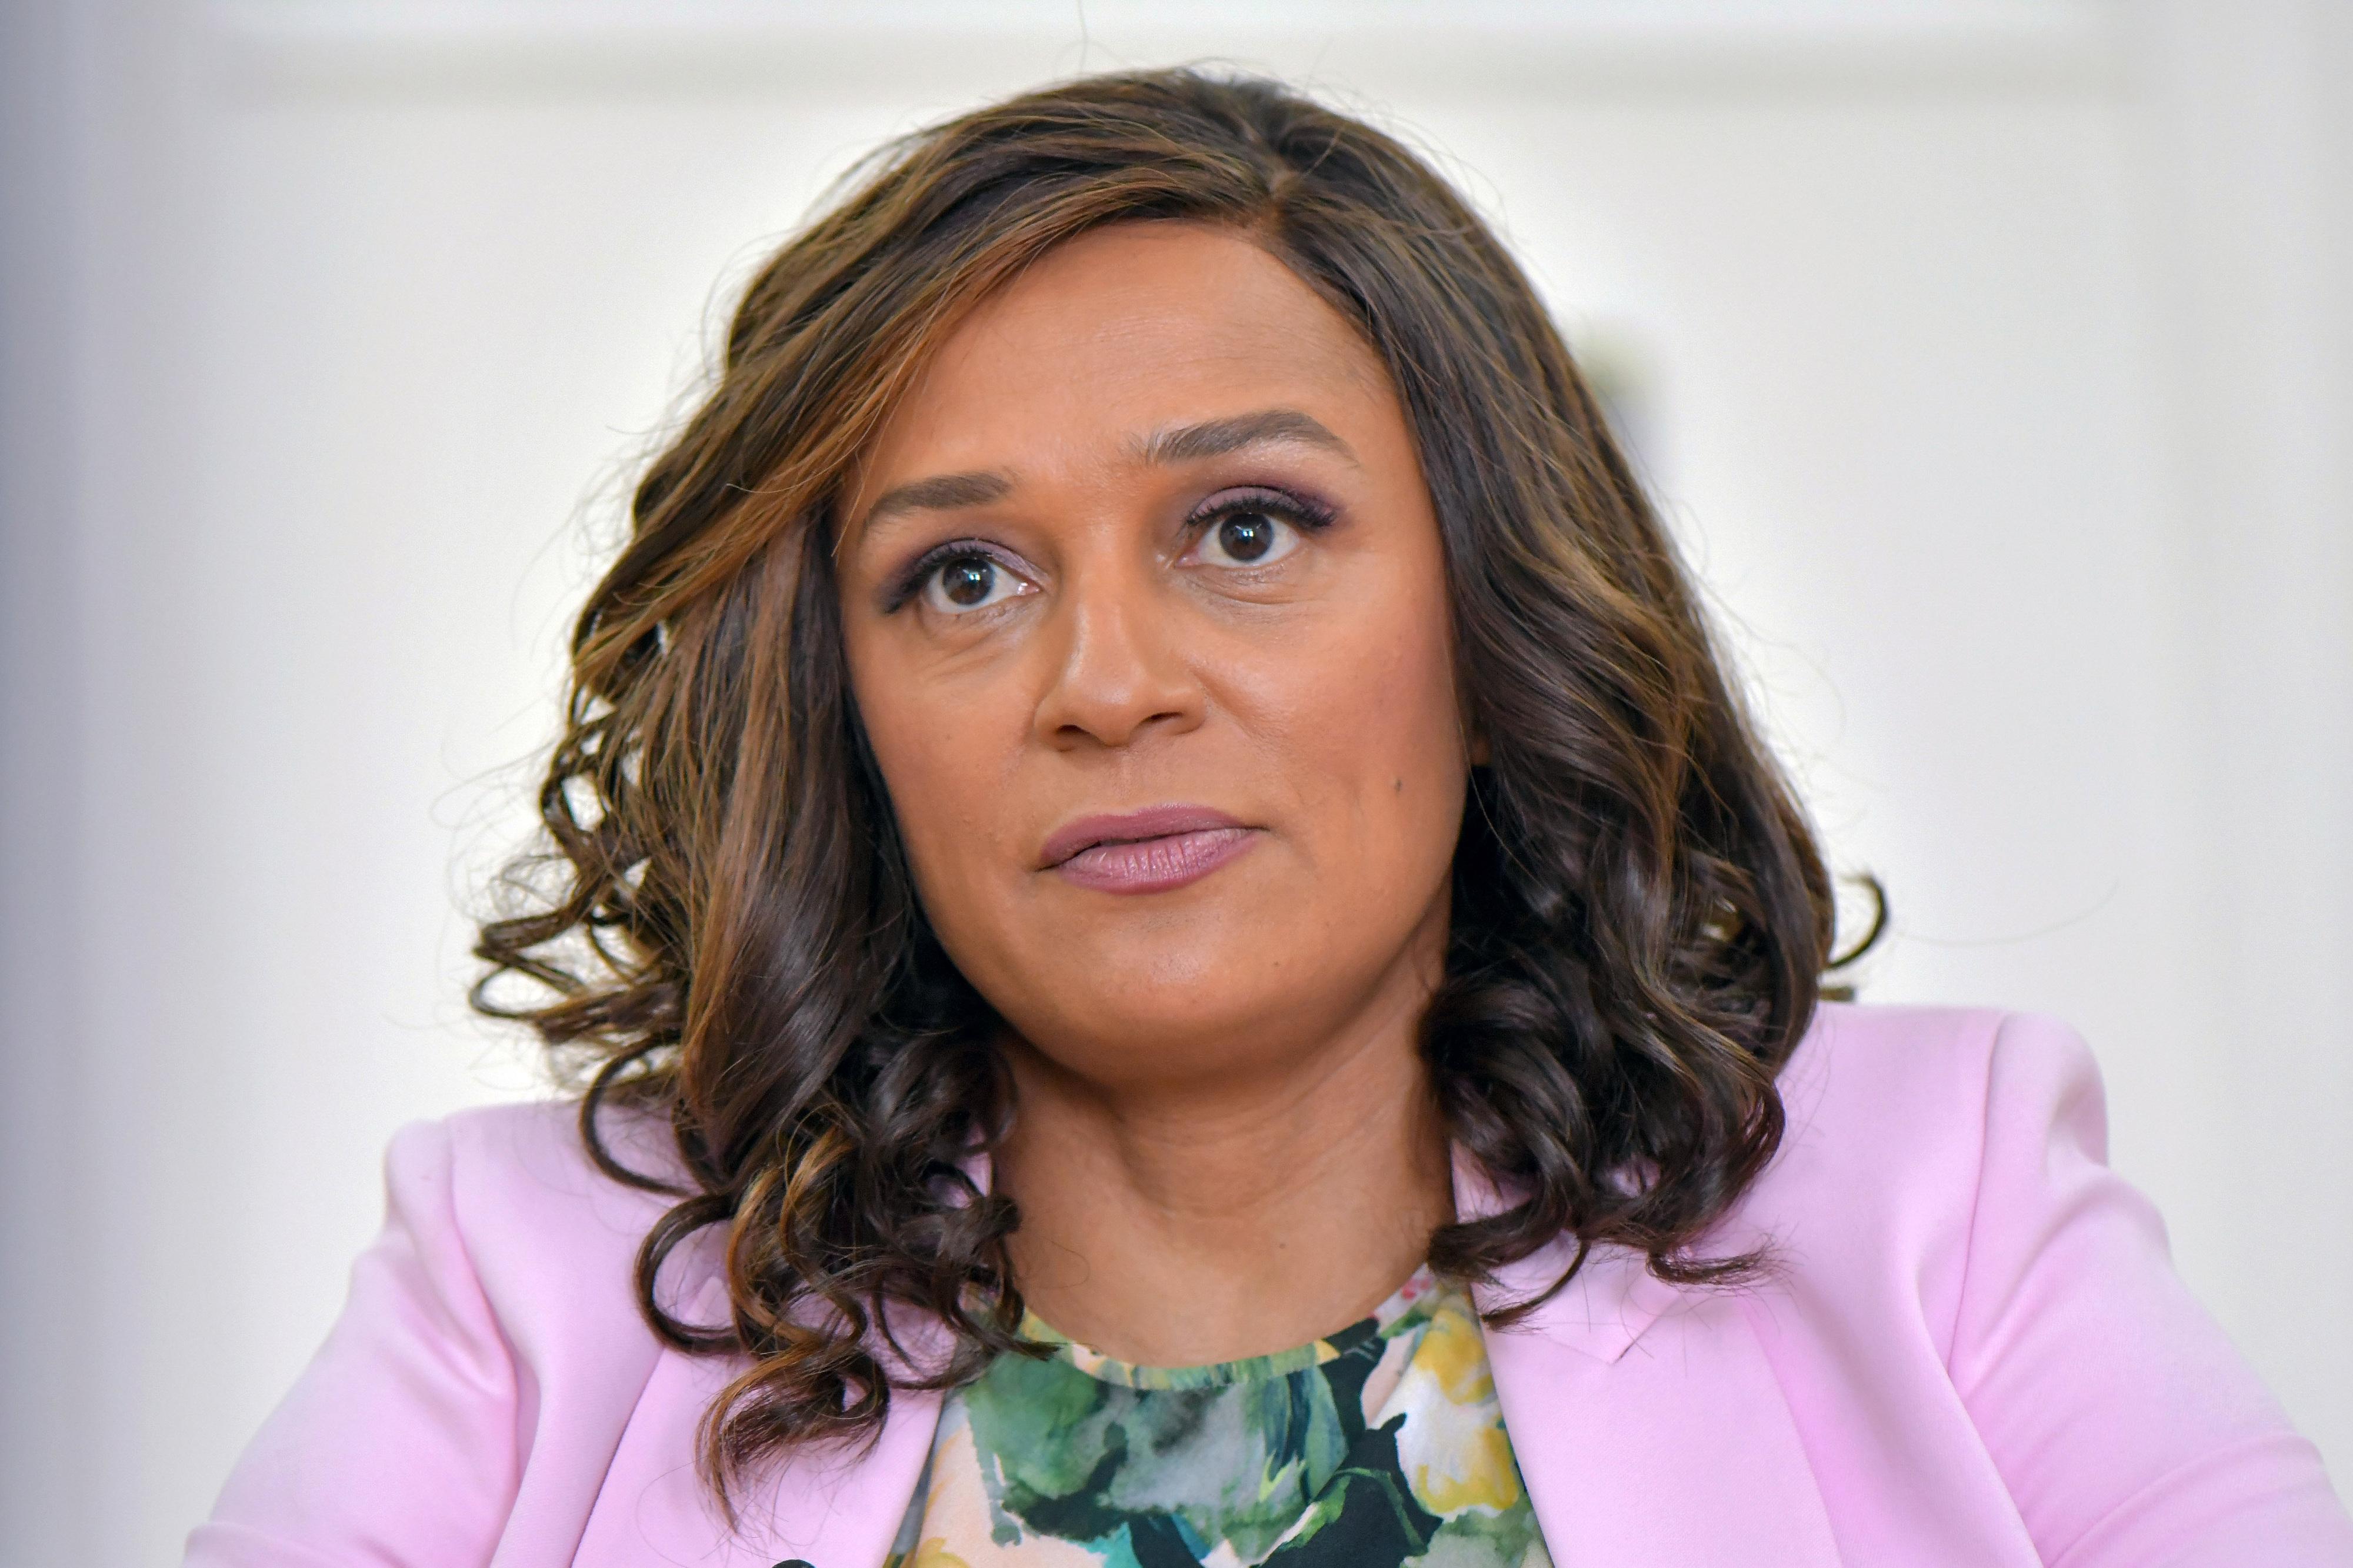 Consórcio de jornalistas revela milhares de ficheiros com esquemas financeiros de Isabel dos Santos